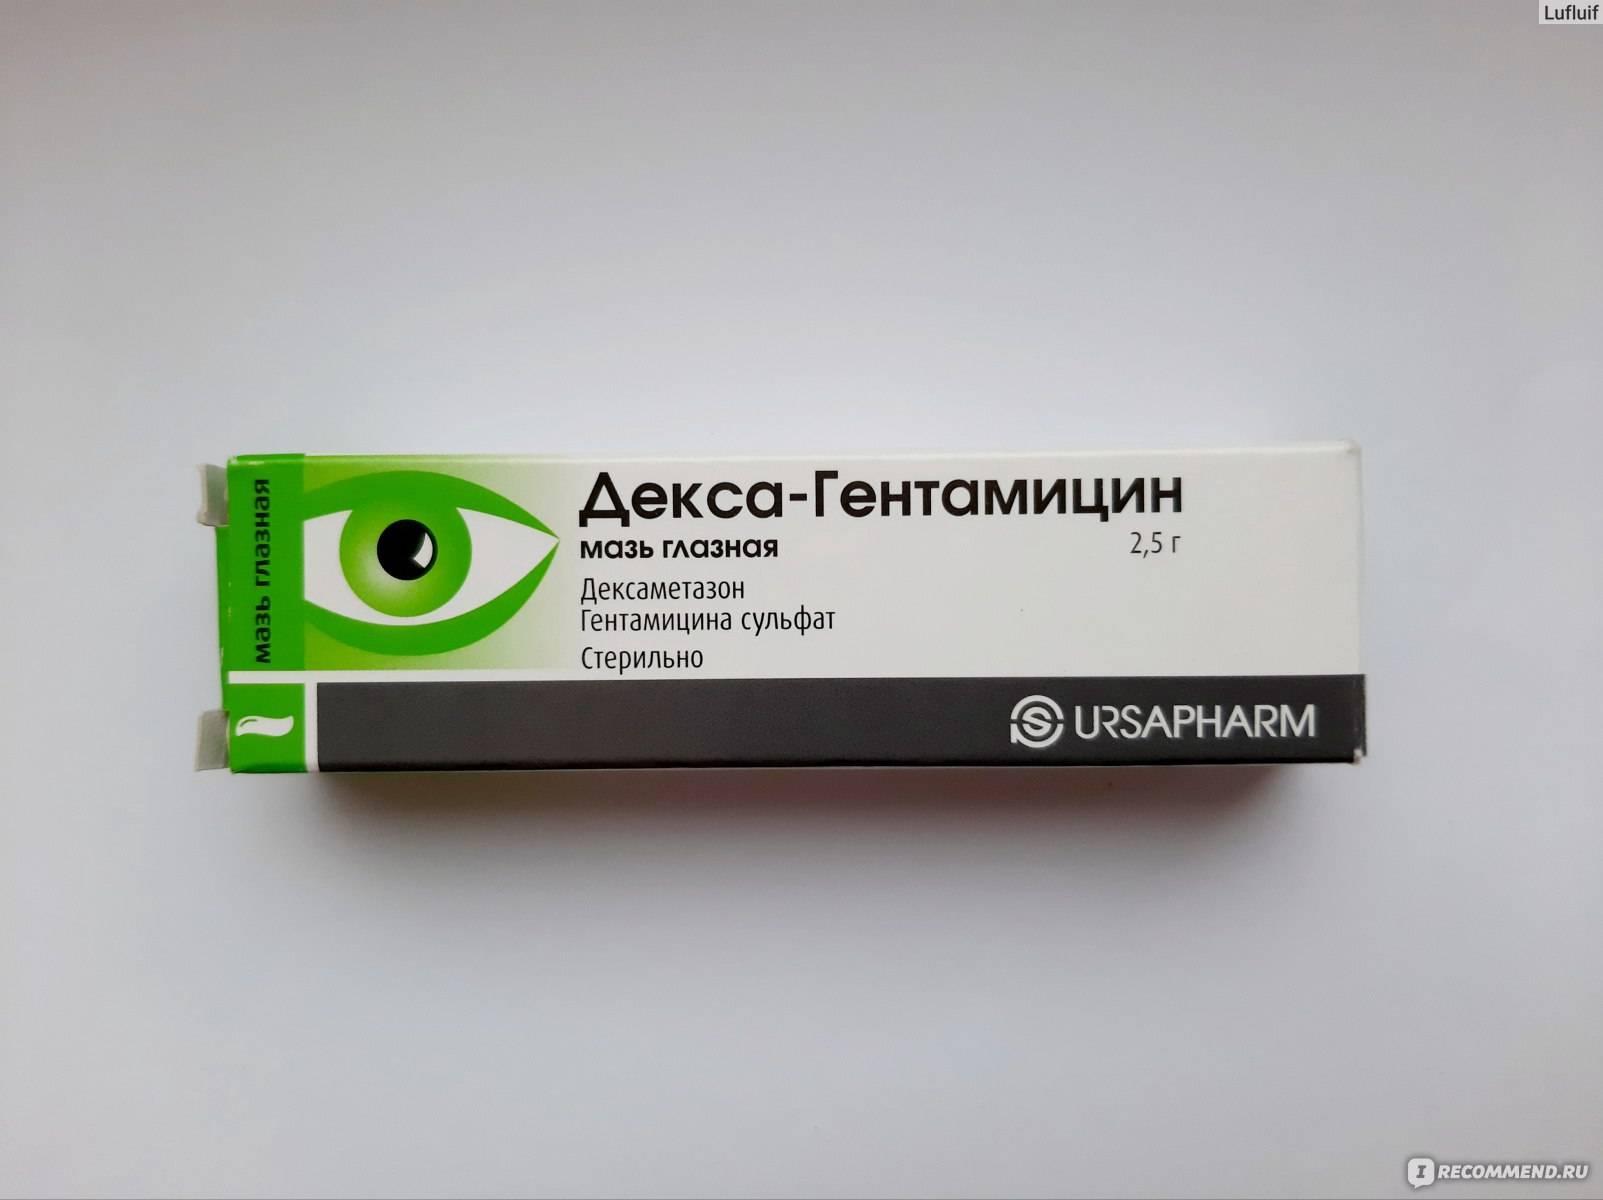 Декса-гентамицин (глазные капли): цена, инструкция, отзывы, аналоги